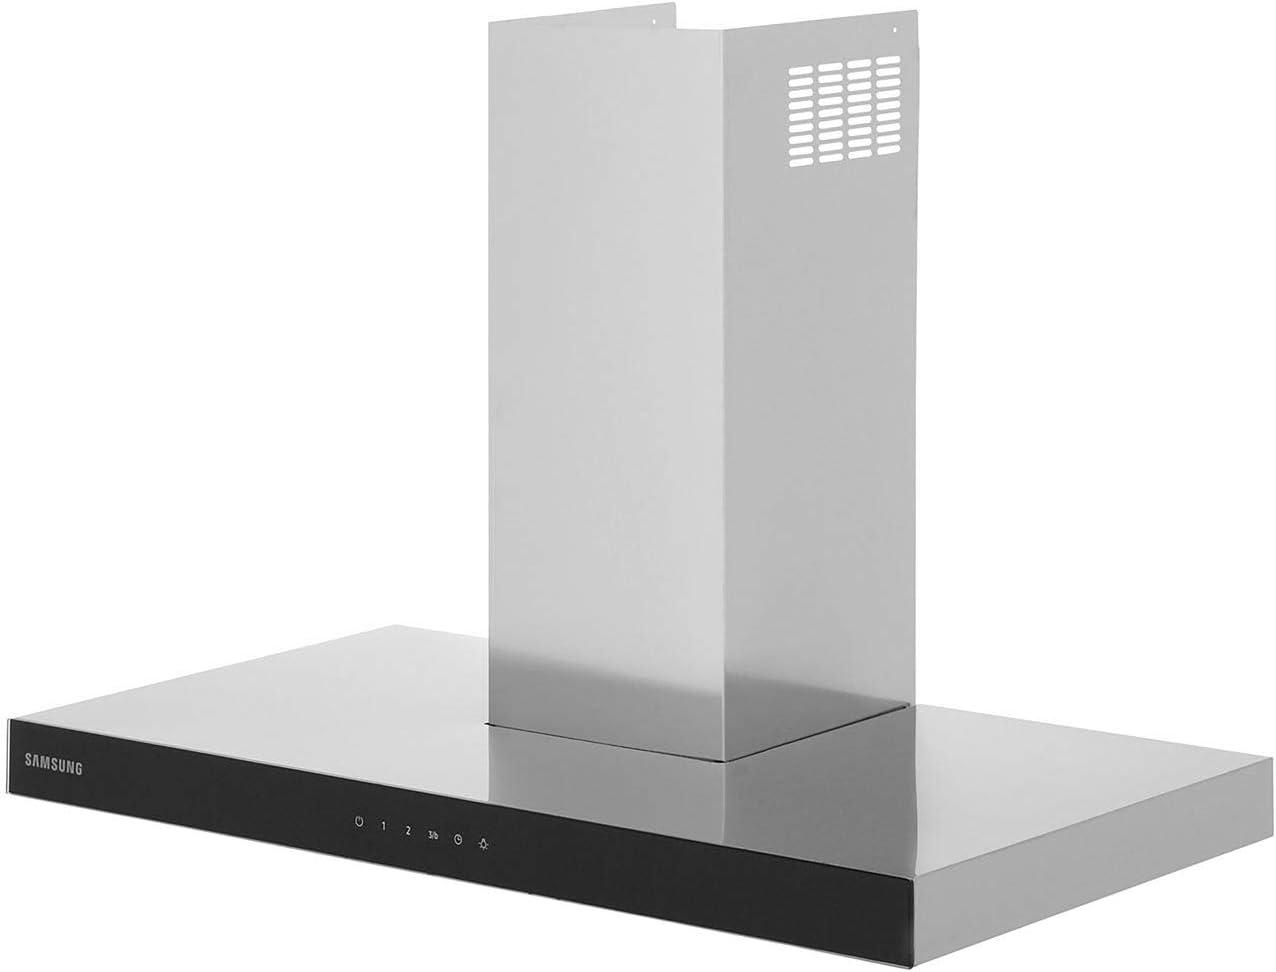 Samsung NK36M5070BS - Campana extractora de pared (acero inoxidable, 90 cm): Amazon.es: Hogar